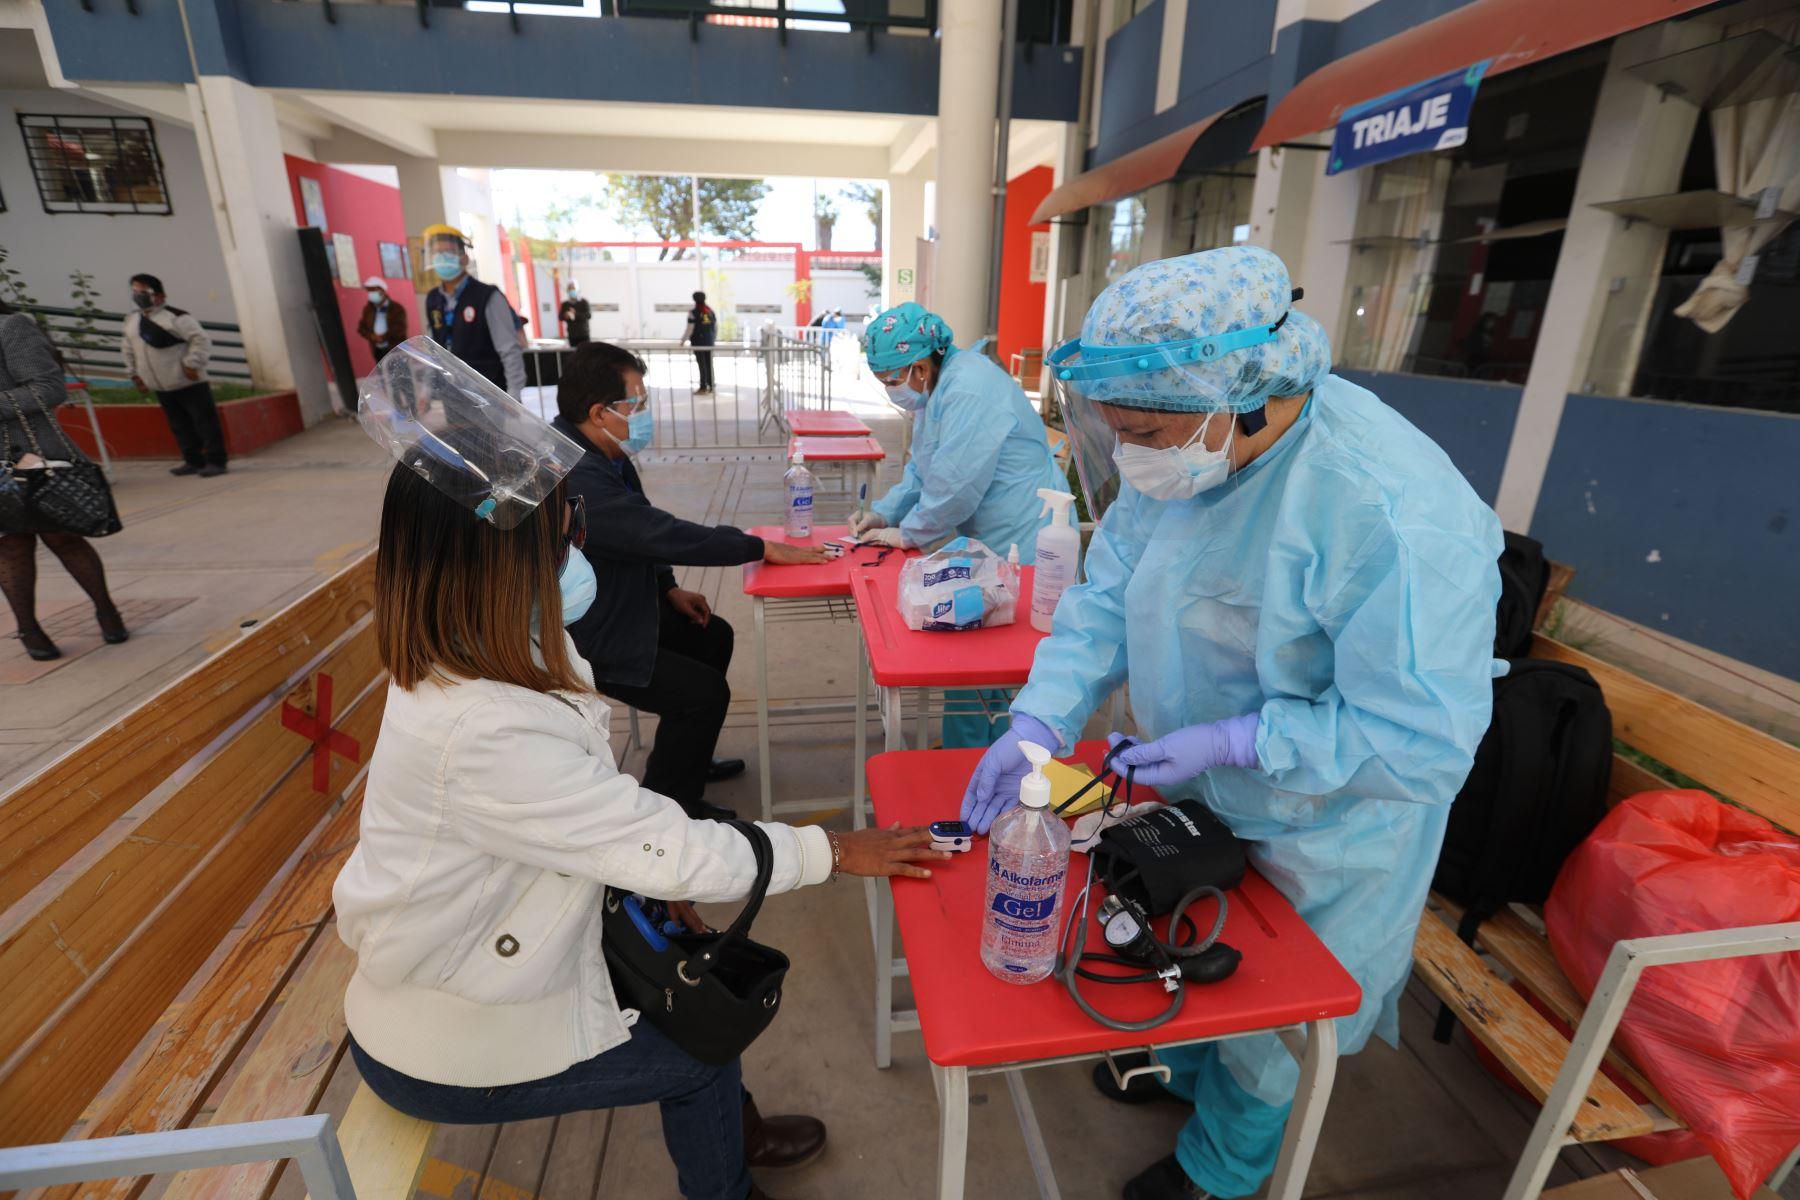 La vacunación contra la covid-19 permitirá asegurar el retorno gradual y seguro a las clases presenciales. Foto: ANDINA/Difusión